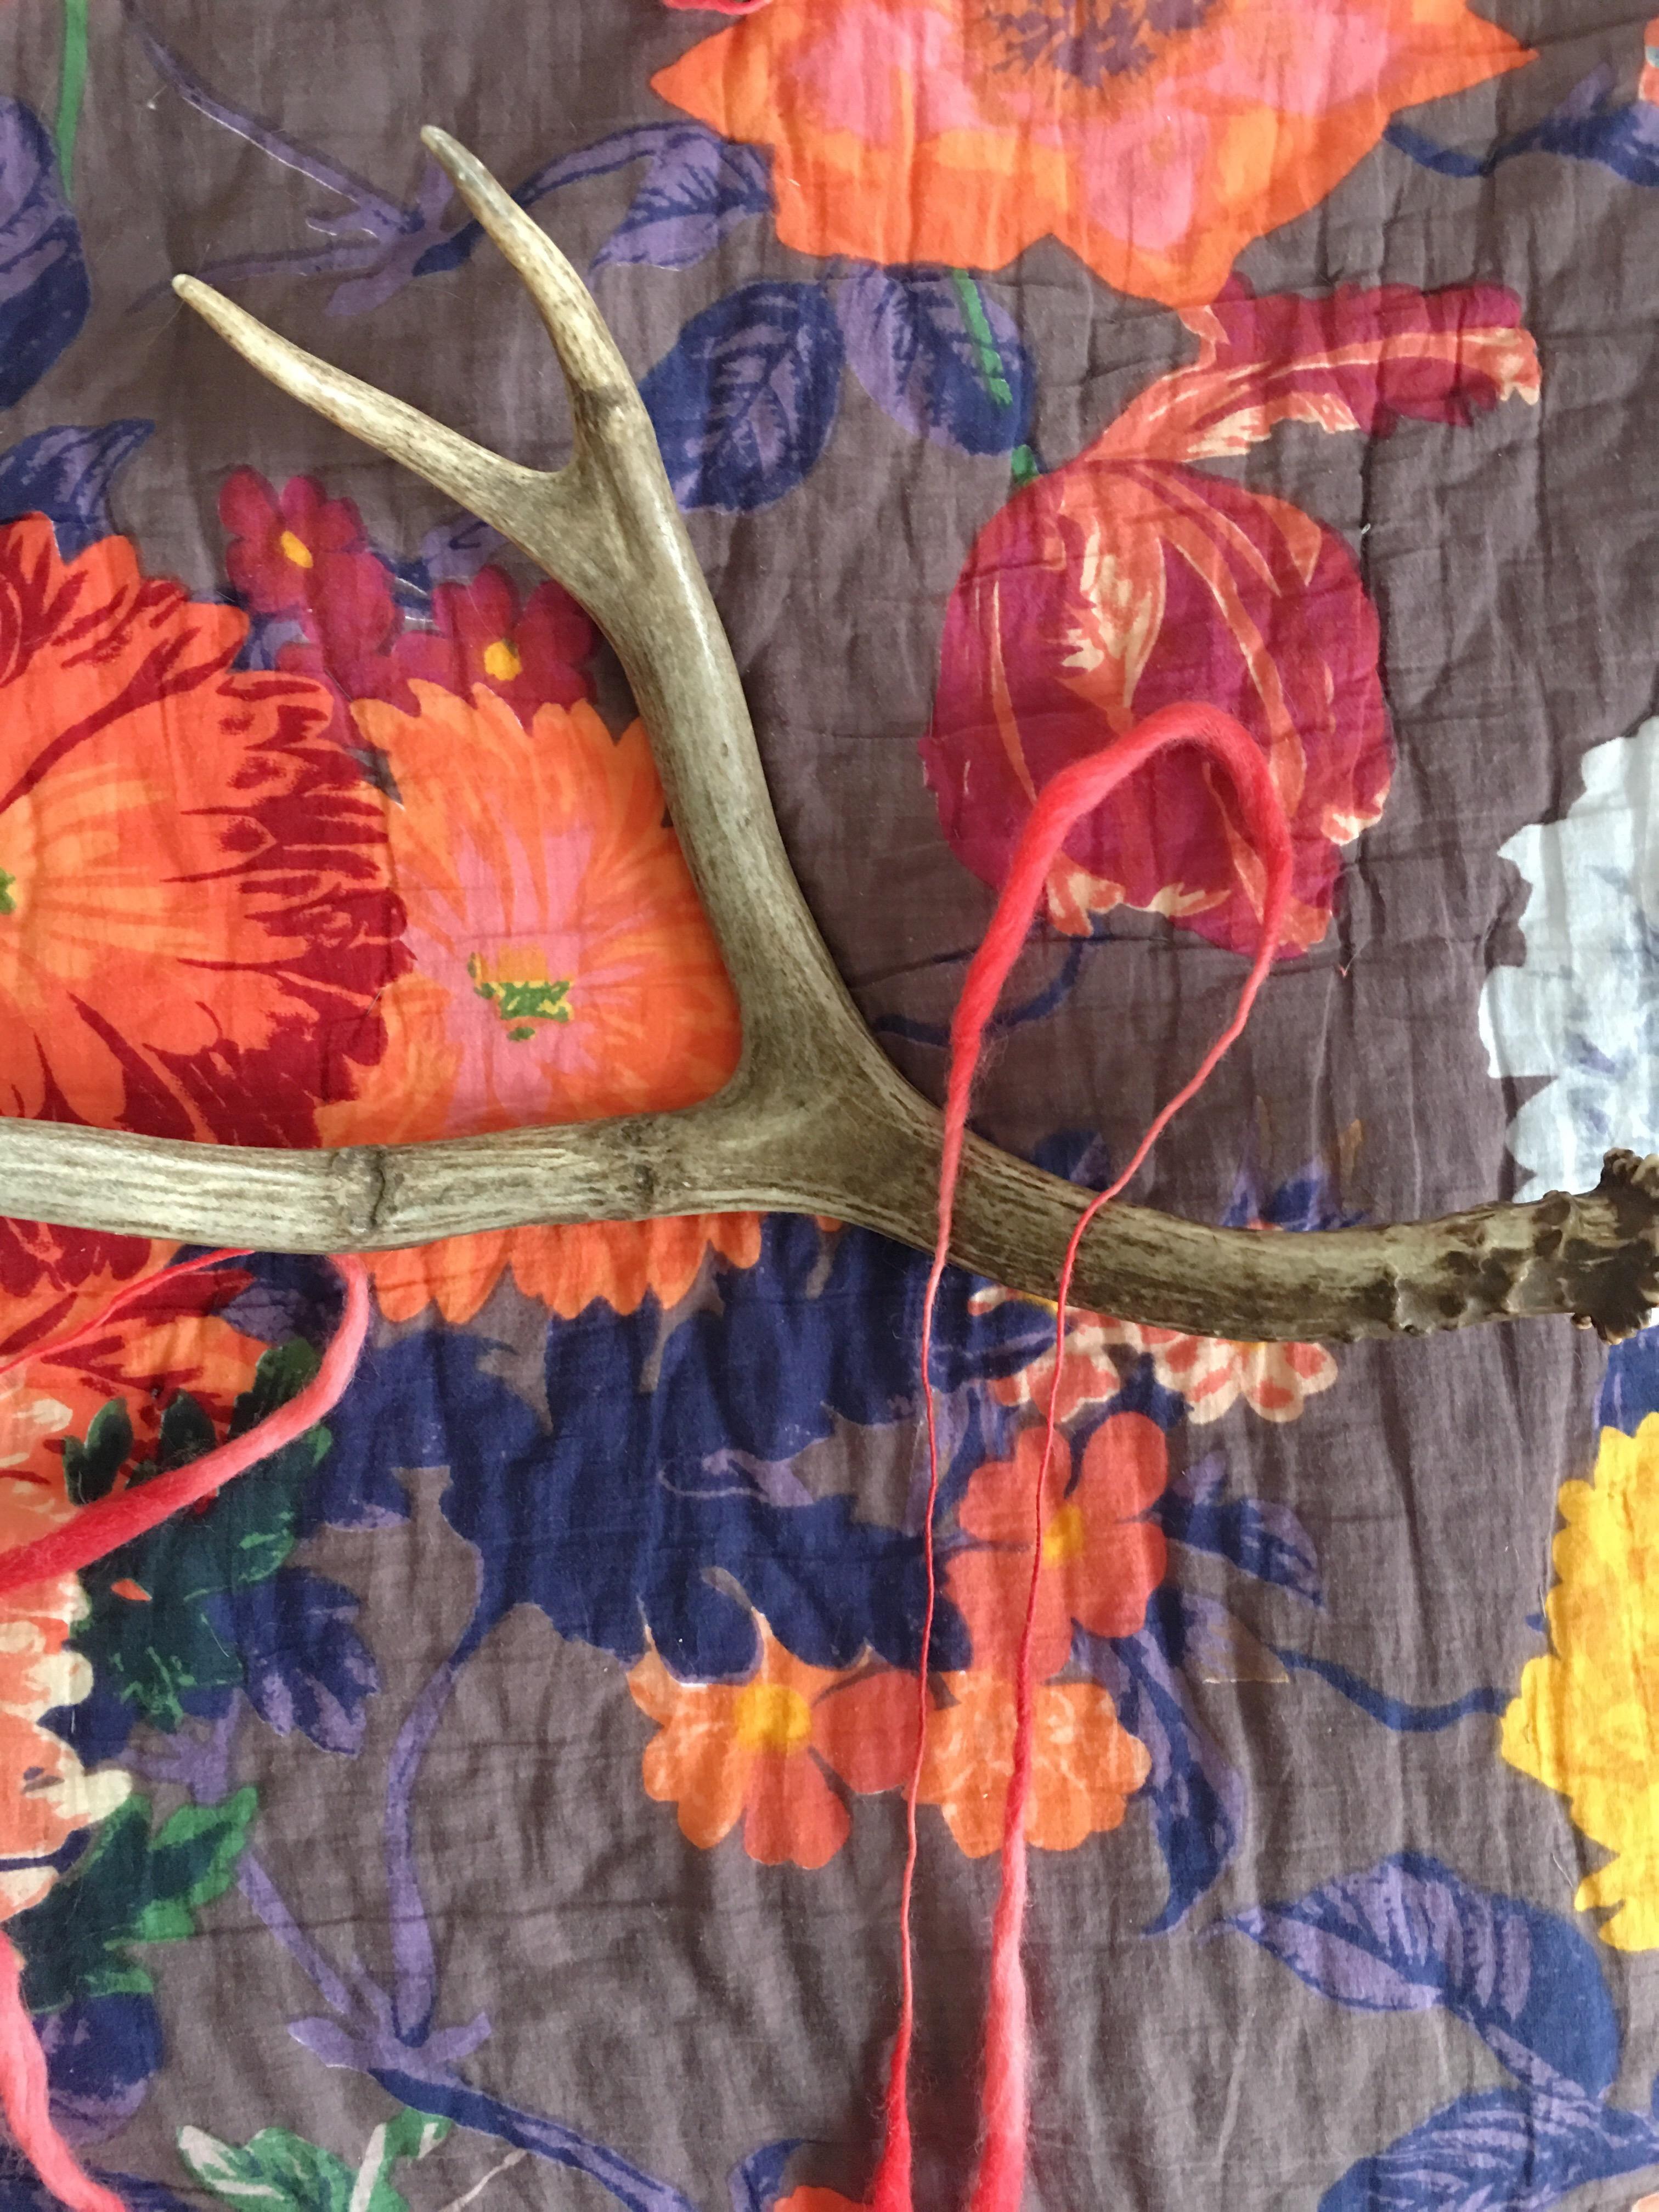 Antler art, antler wall hanging, wall hanging, yarn wall hanging, DIY, modern wall hanging